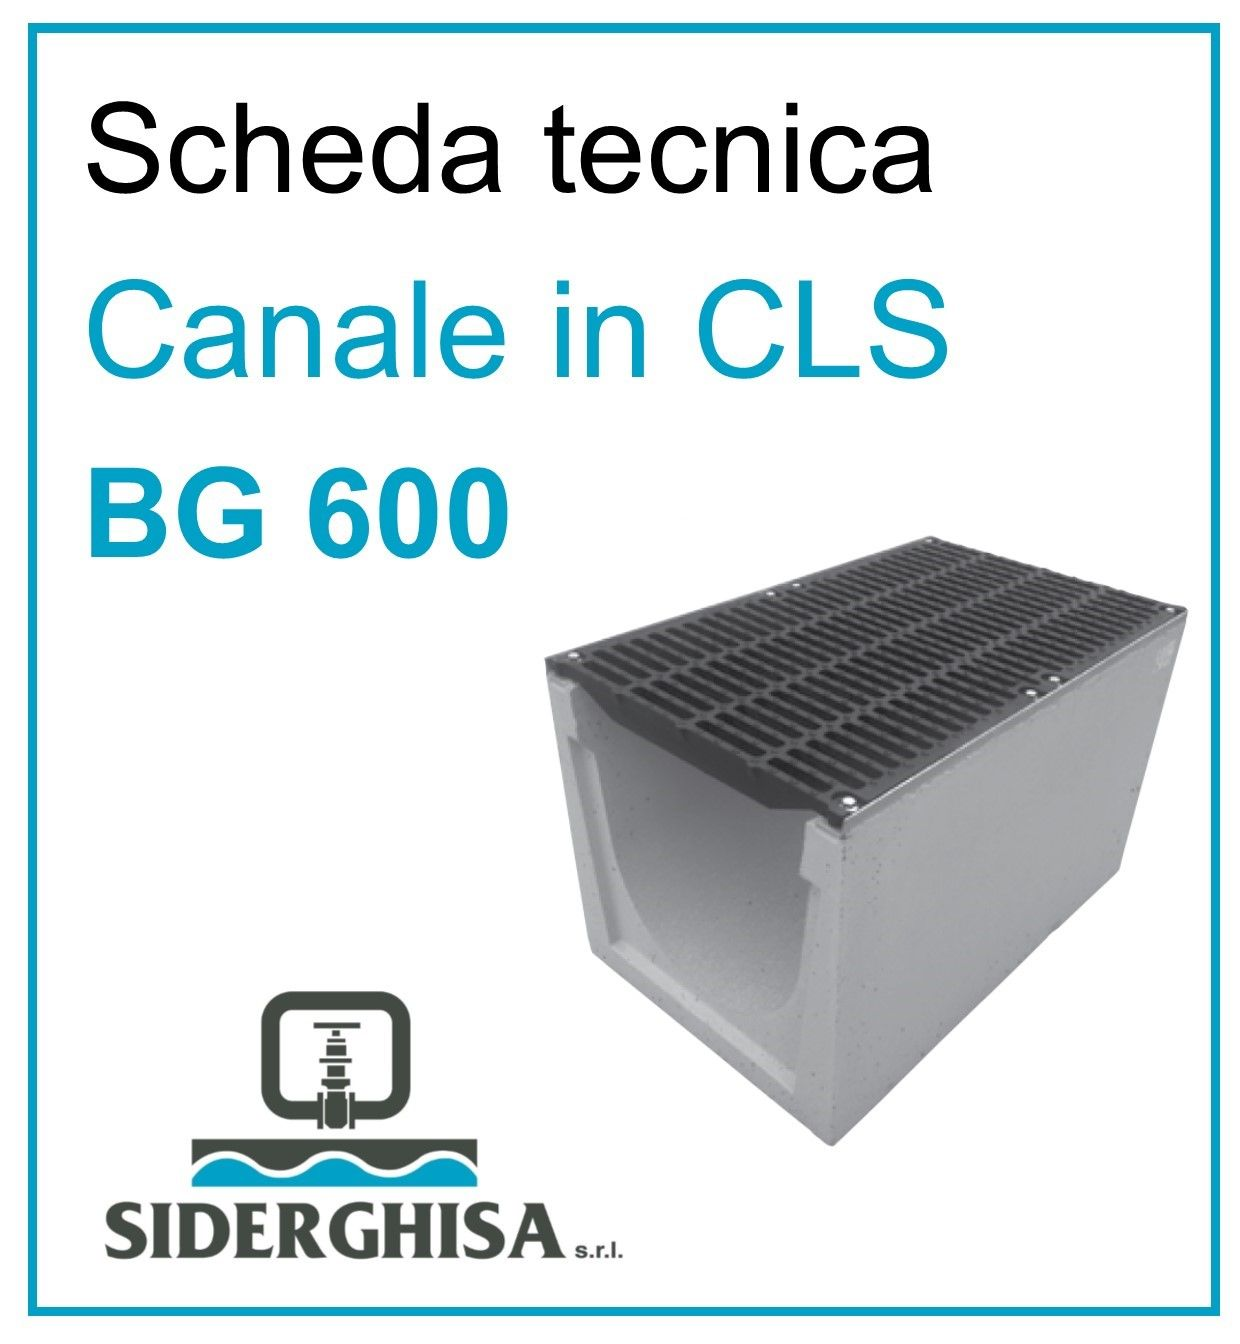 frontespizio scheda tecnica canale bg 600